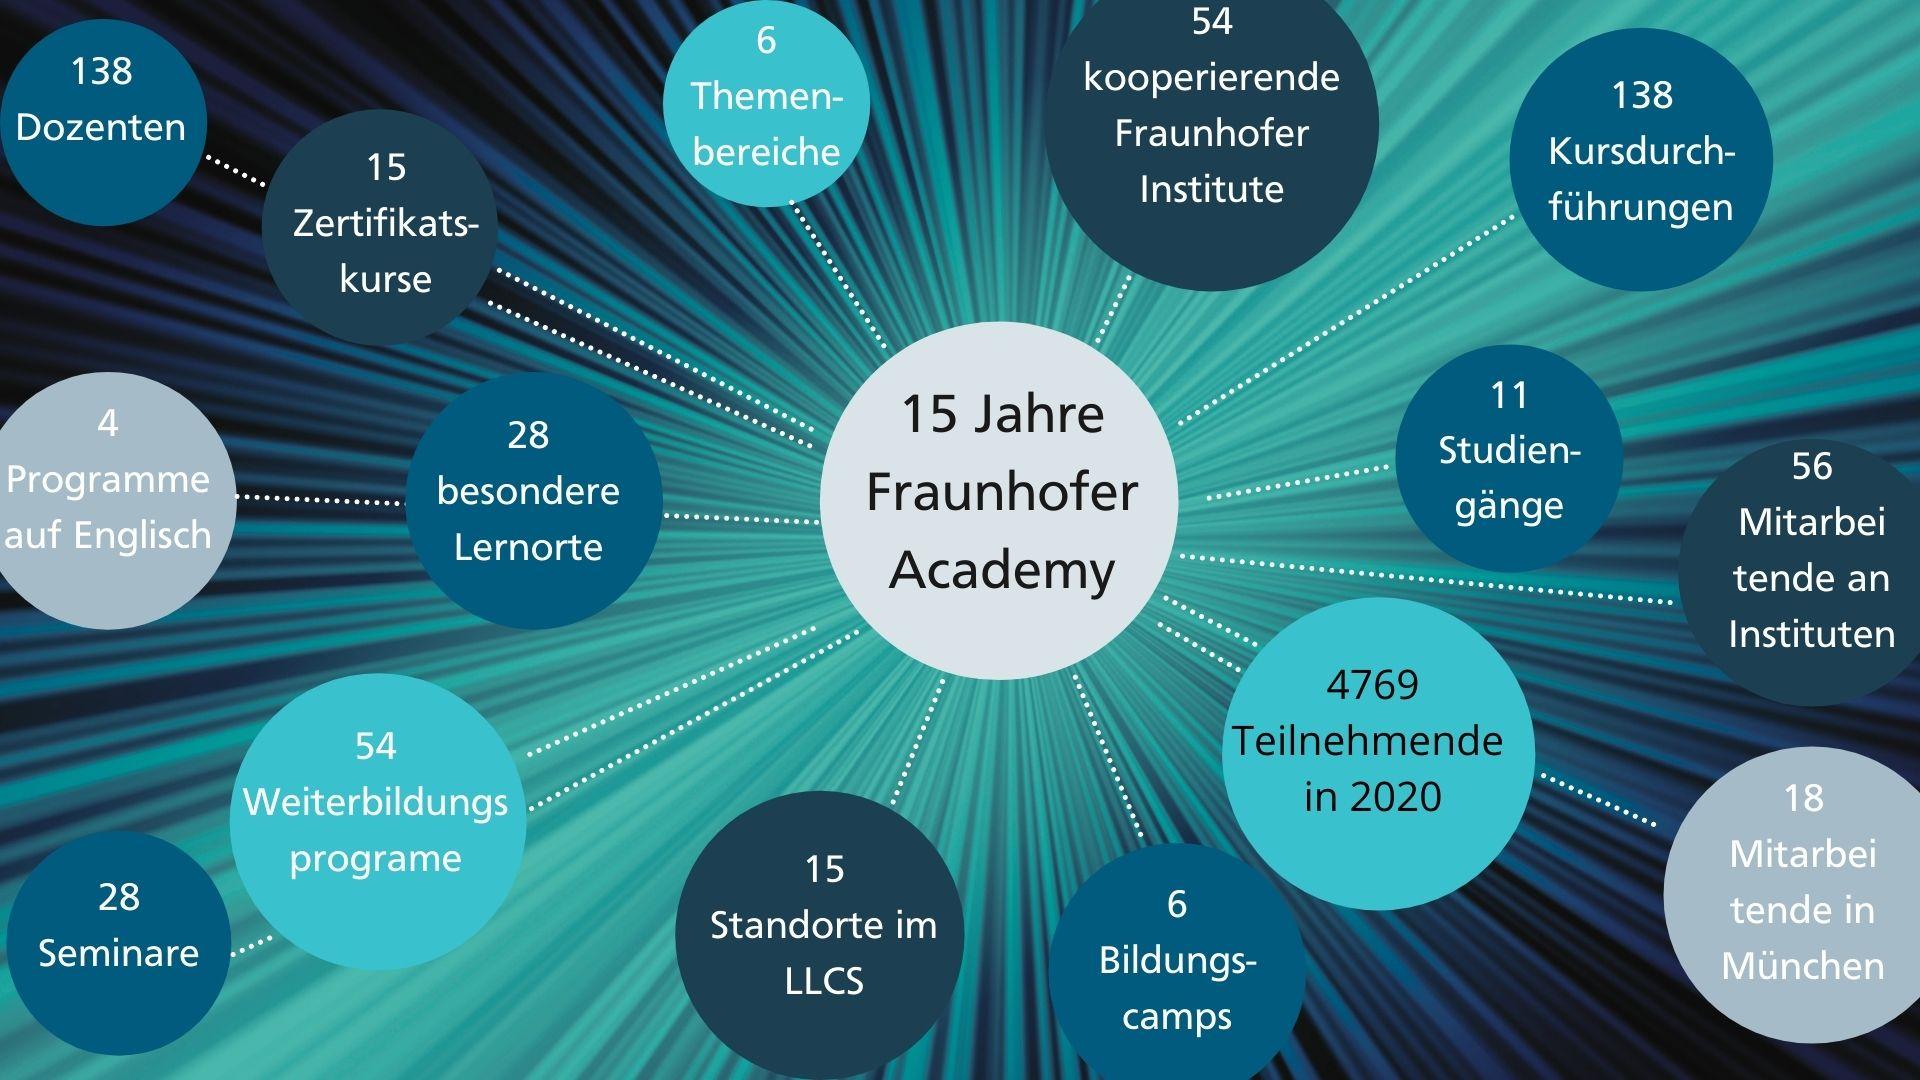 Fraunhofer Academy in Zahlen Inforgrafik